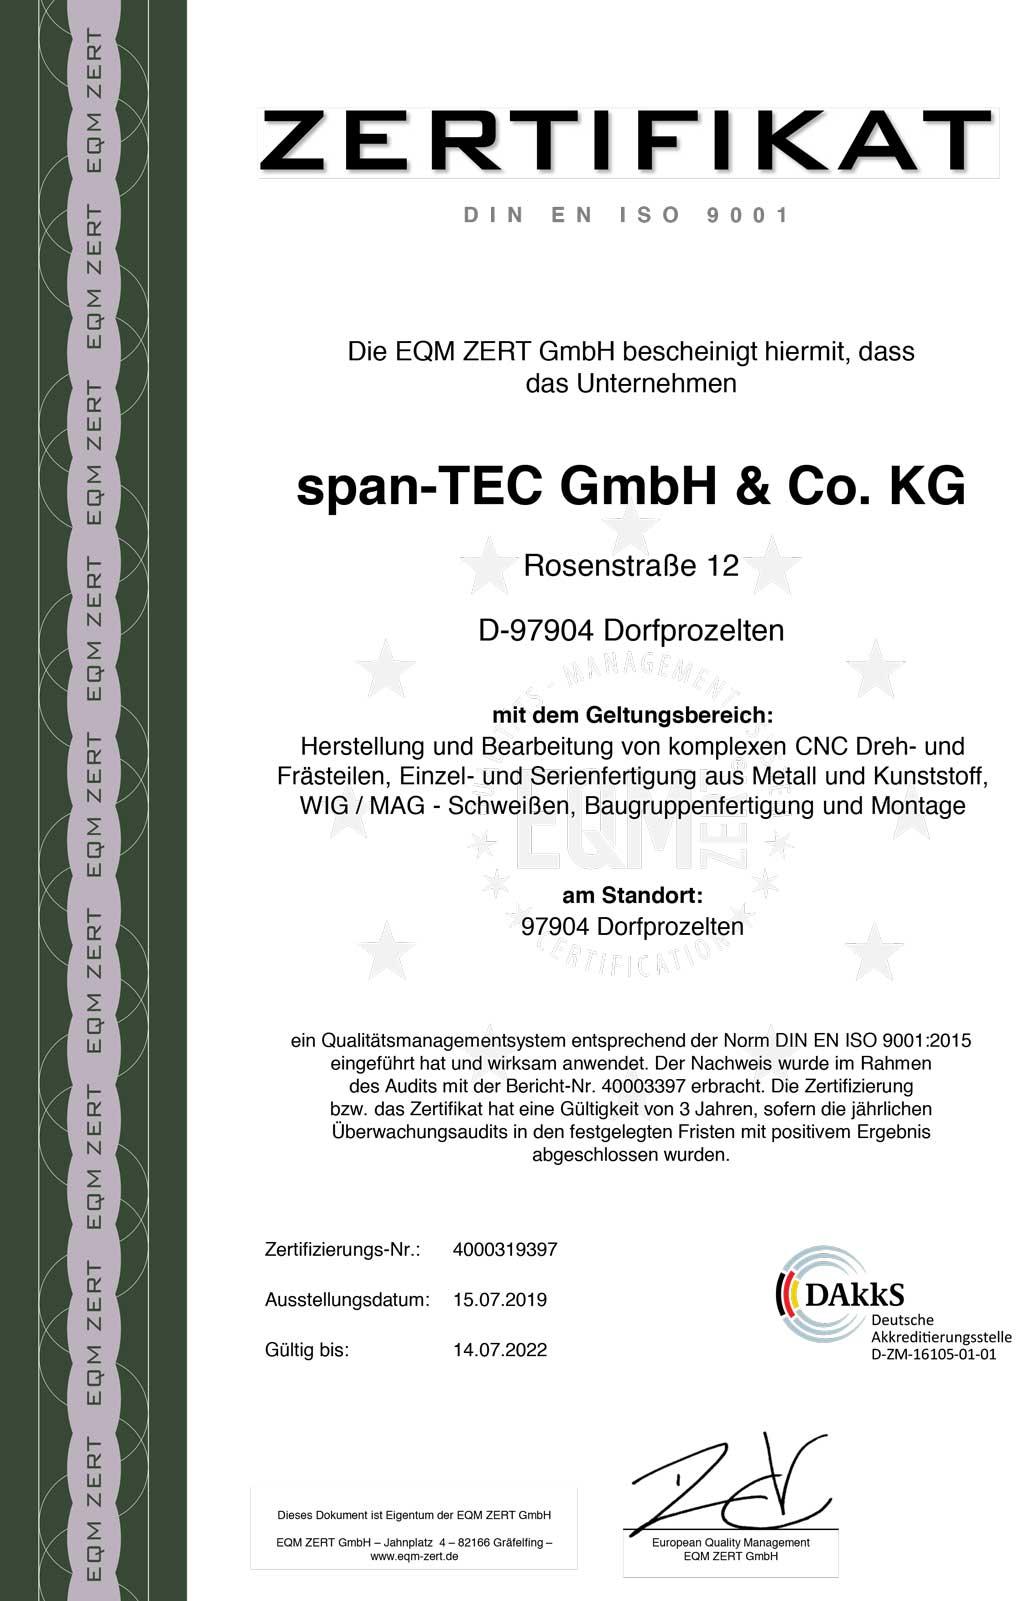 Zertifikat DIN ISO